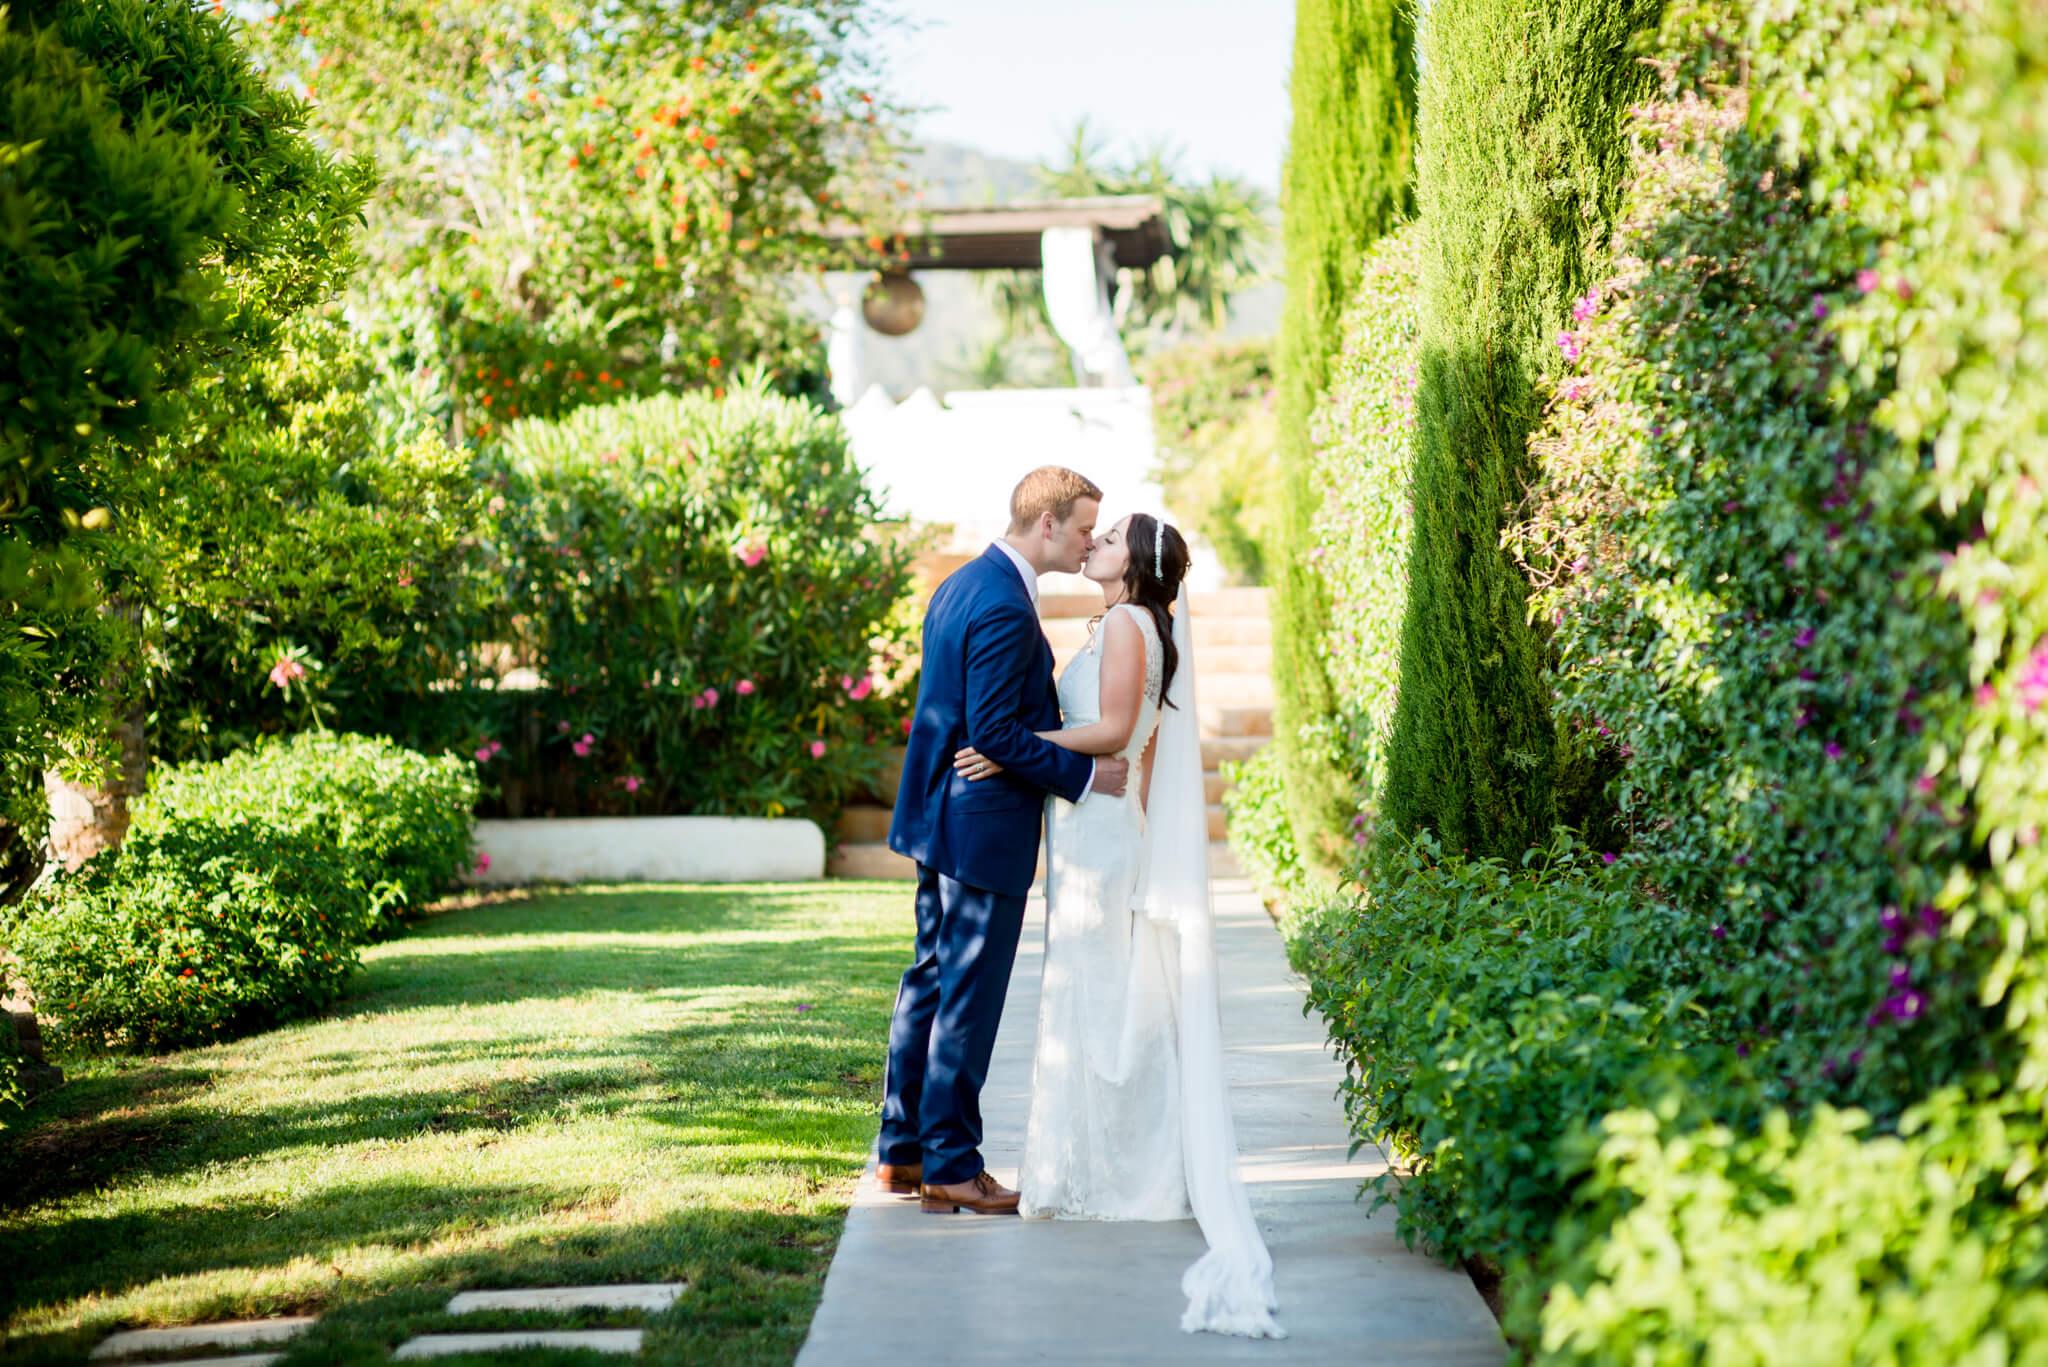 Weddings in Ibiza - Helen & Henry